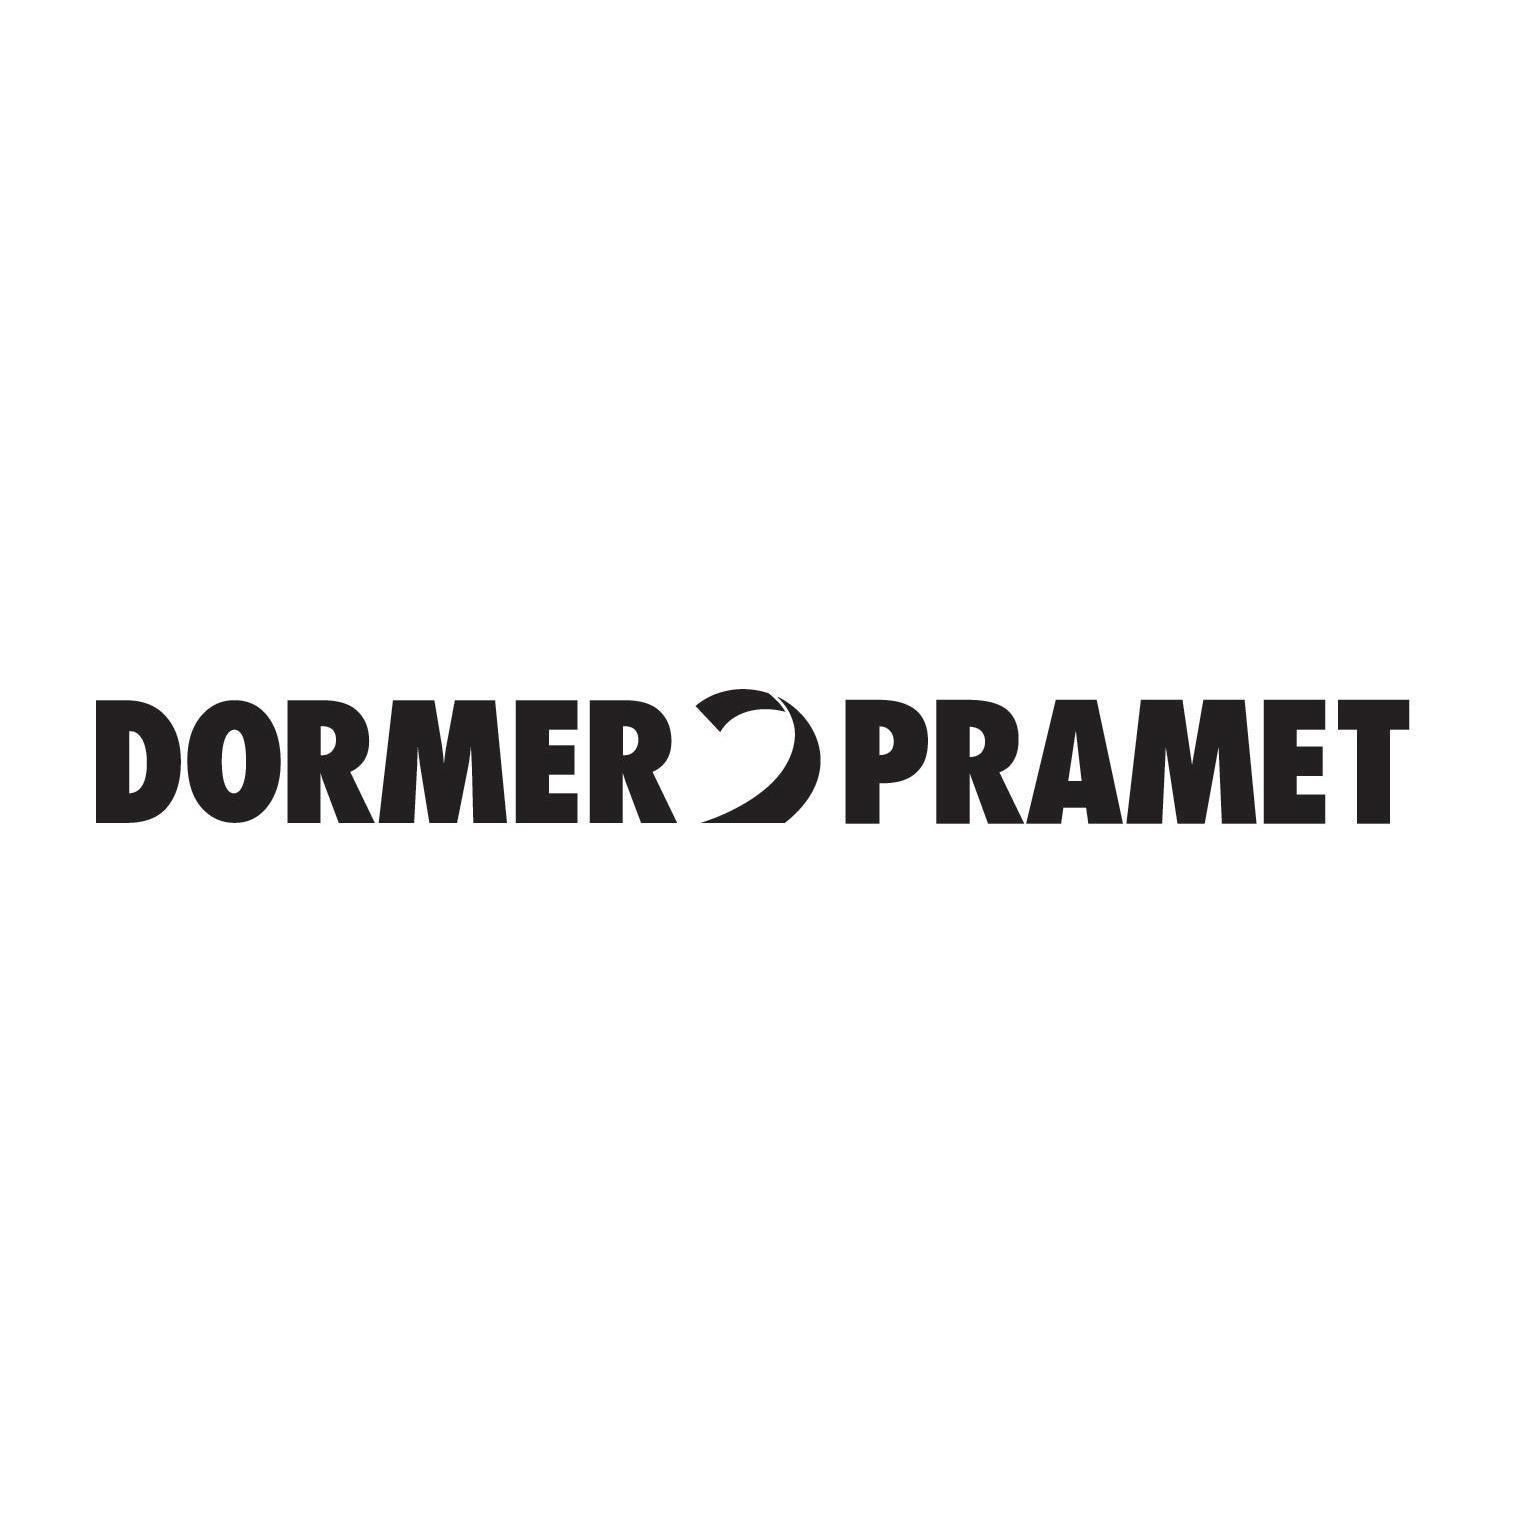 Bild zu Dormer Pramet ZN der Sandvik Tooling Deutschland GmbH in Erlangen